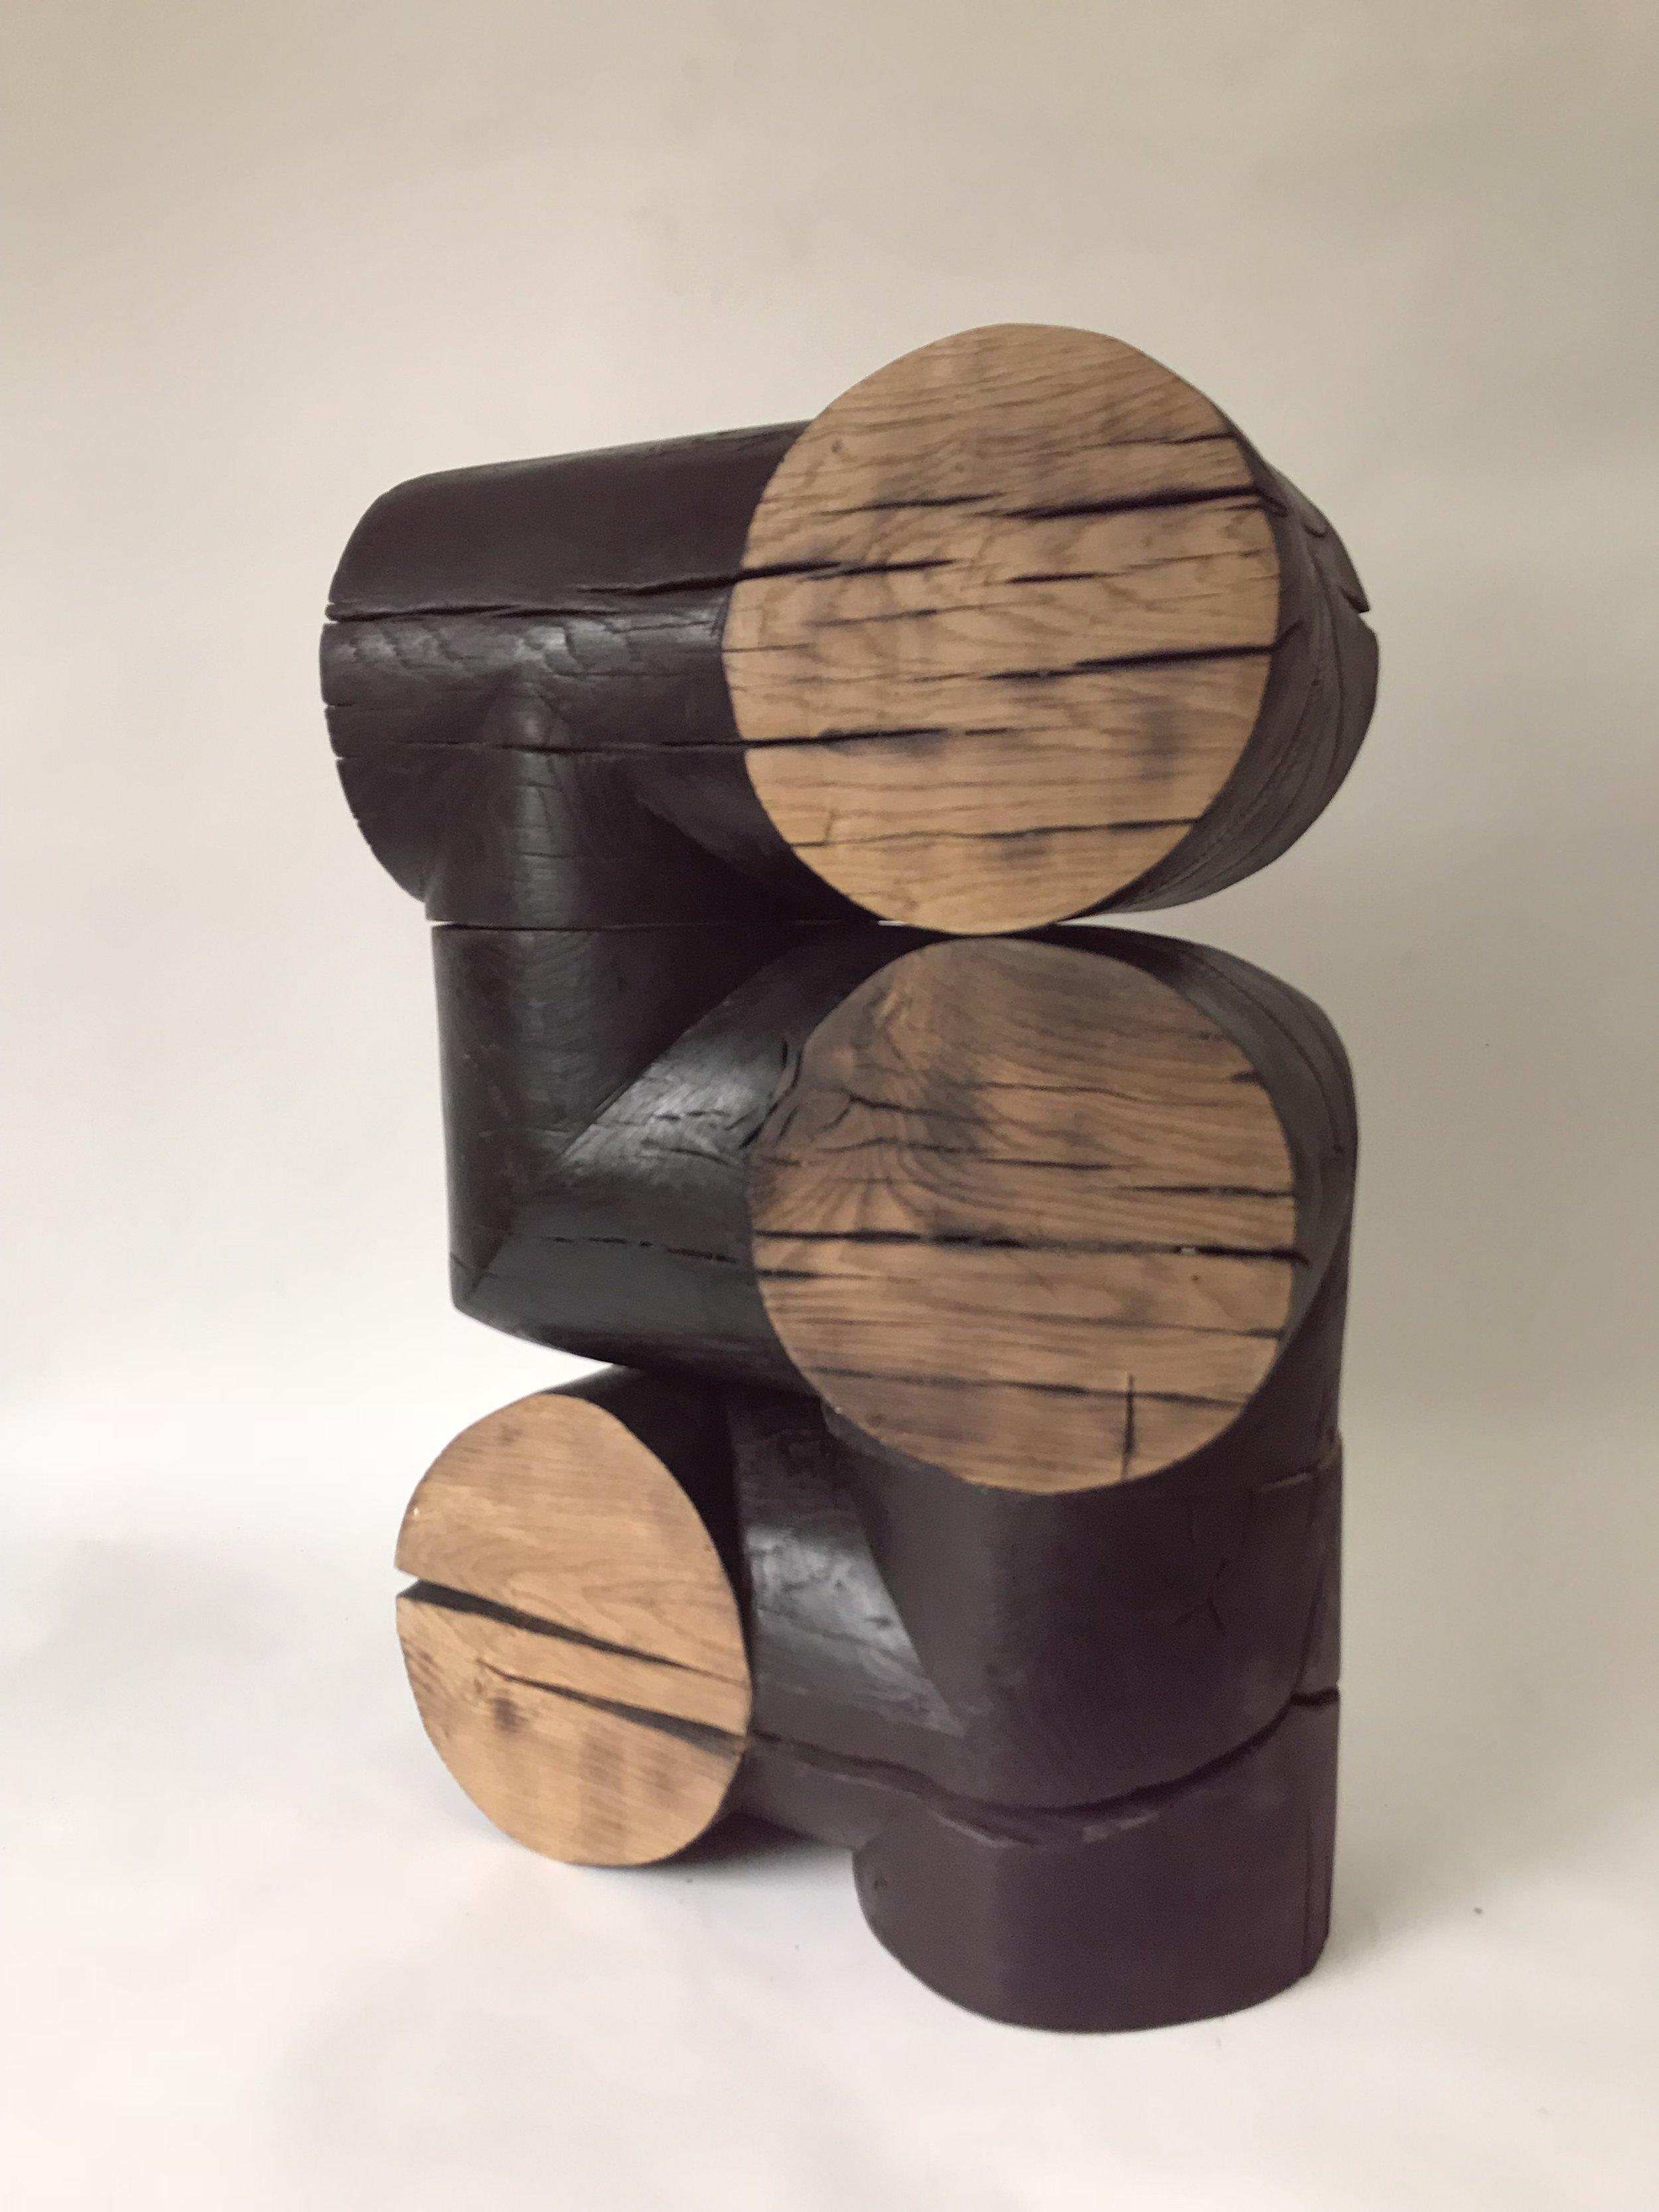 'Abacus III', Burnt wood and wax, 20x20x60cm